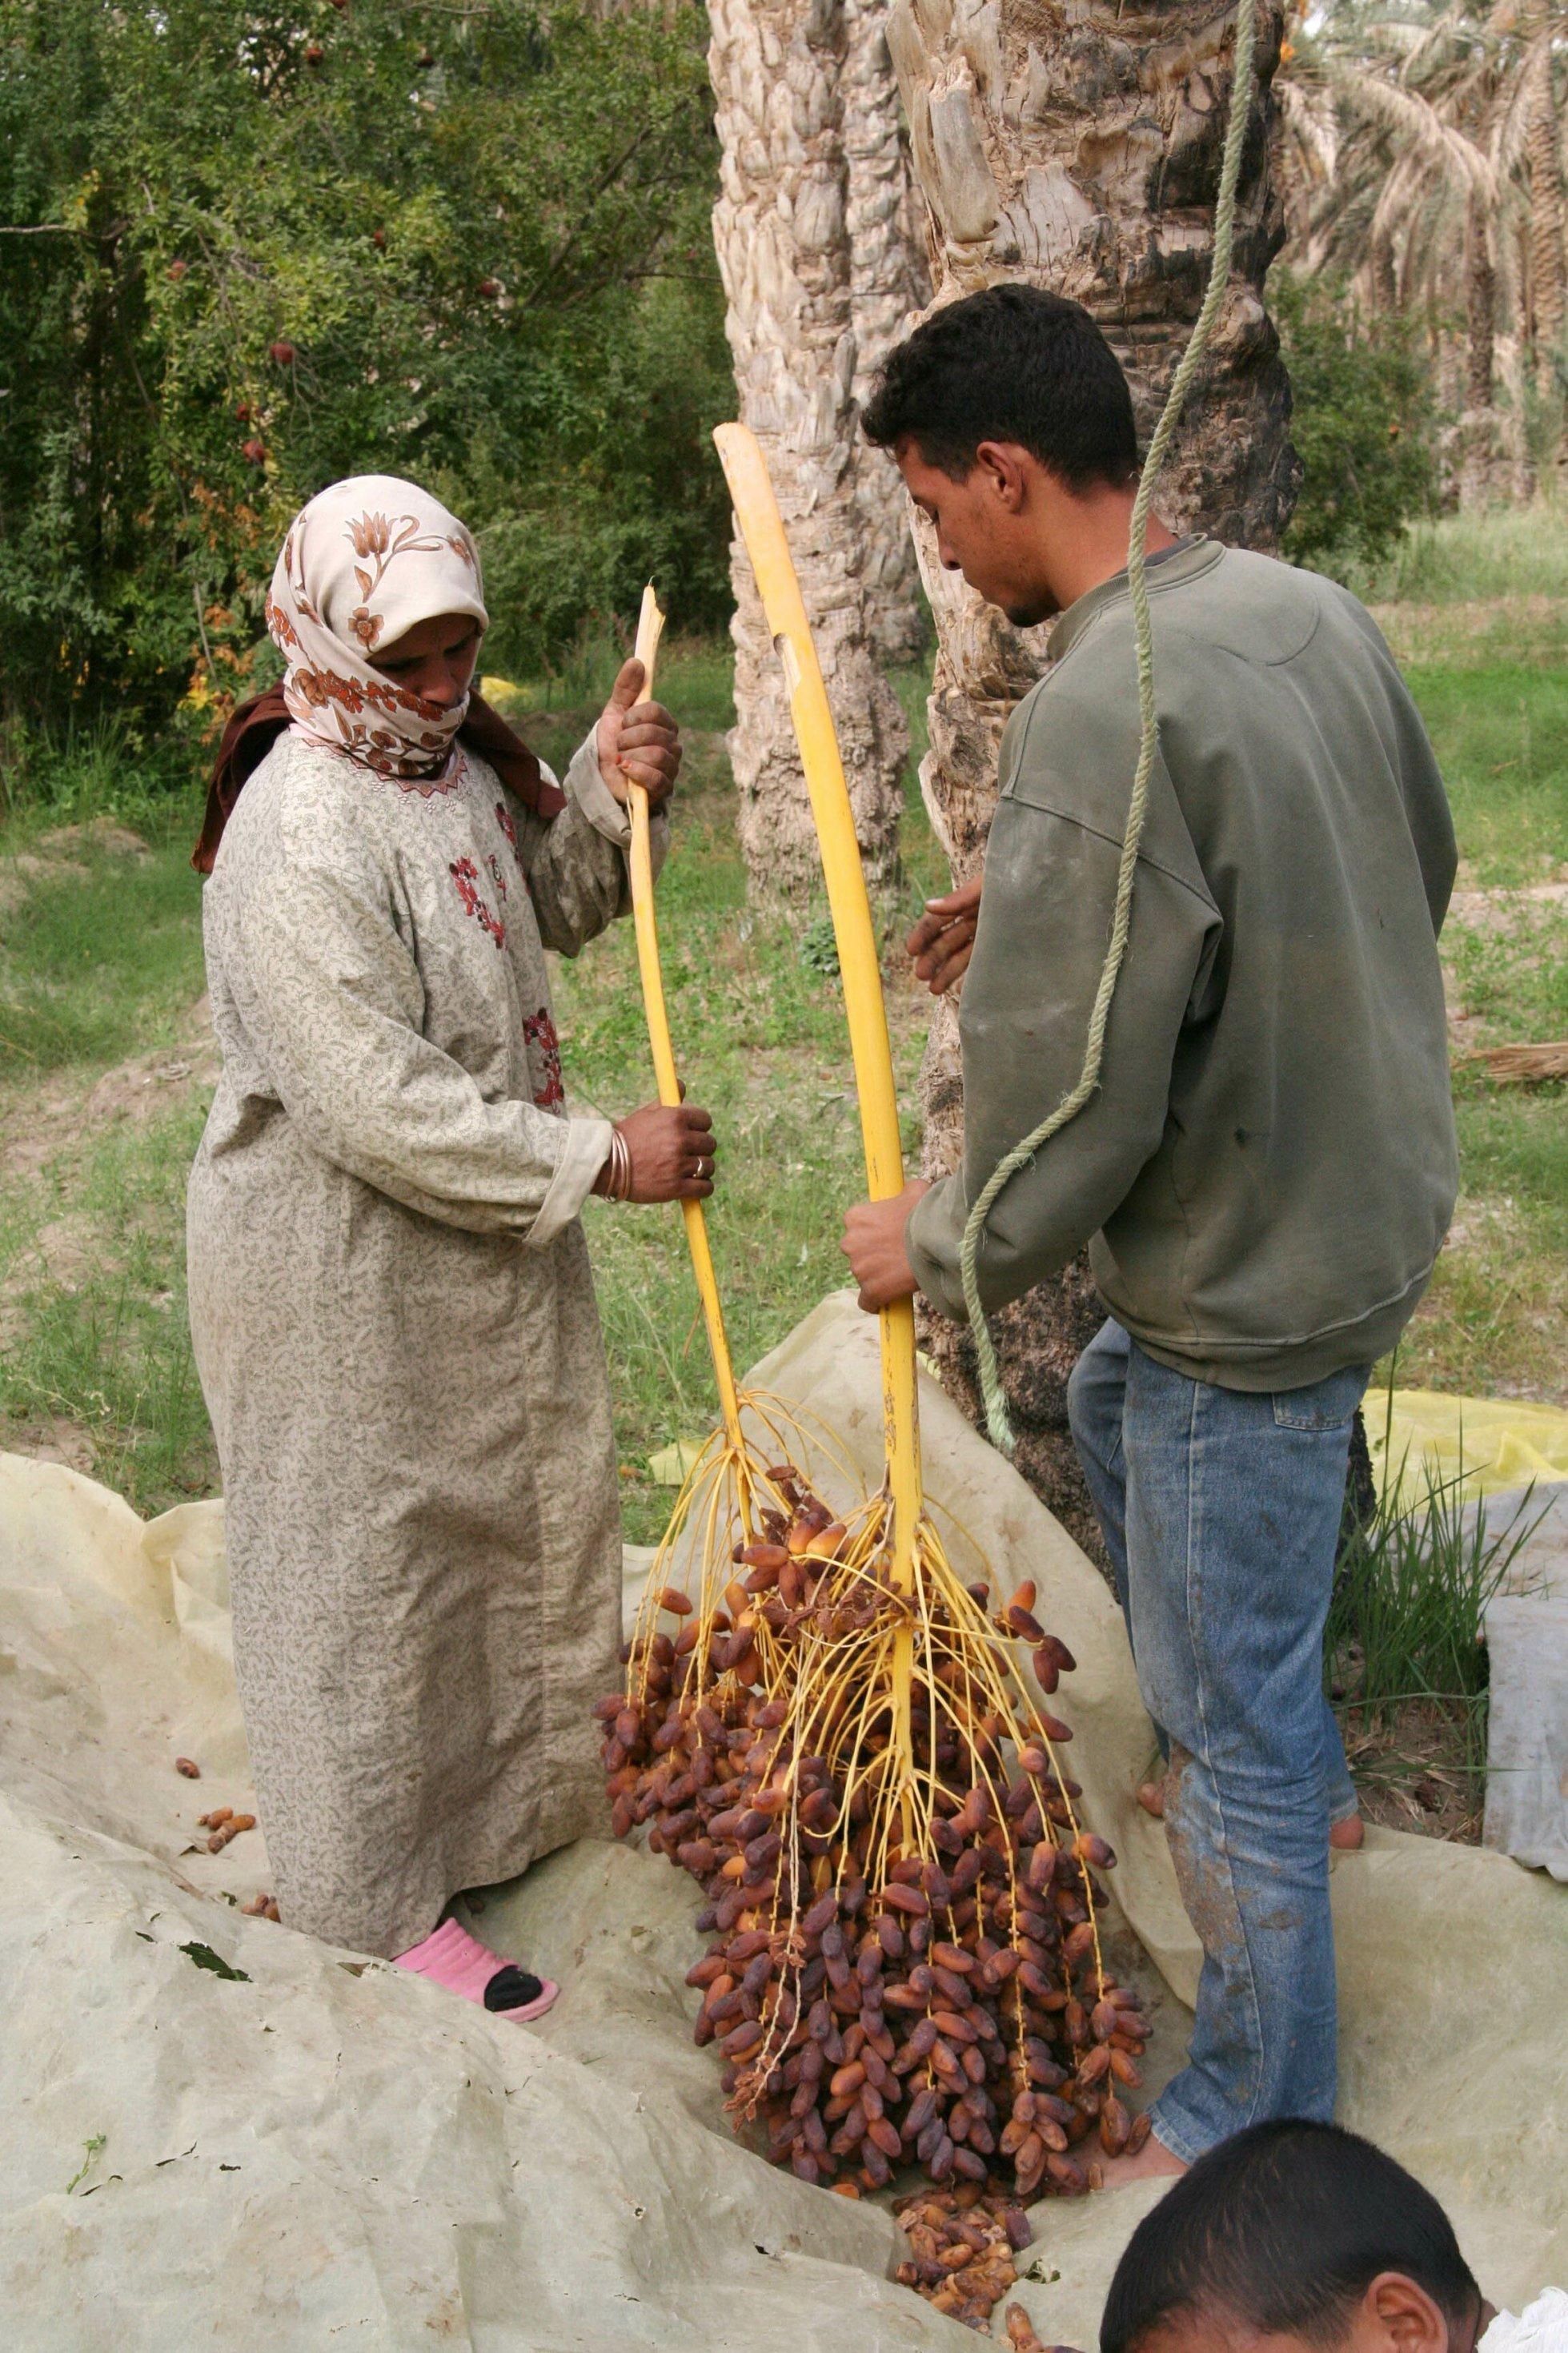 Ein Mann und eine Frau halten einen gerade geernteten Strunk mit Datteln in der Hand.